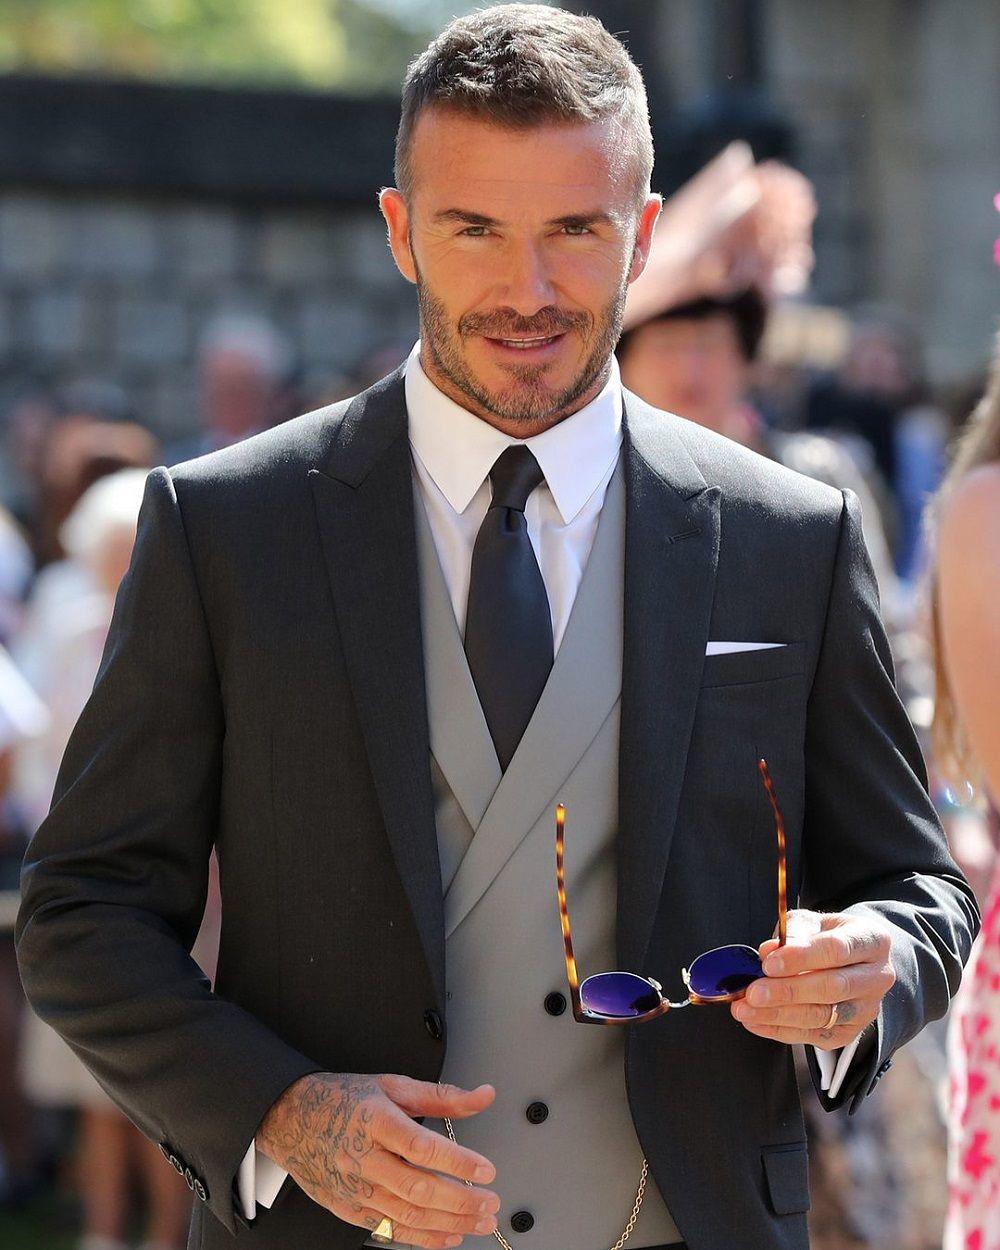 Selain Tampan, Ternyata Ini yang Buat David Beckham Makin Keren